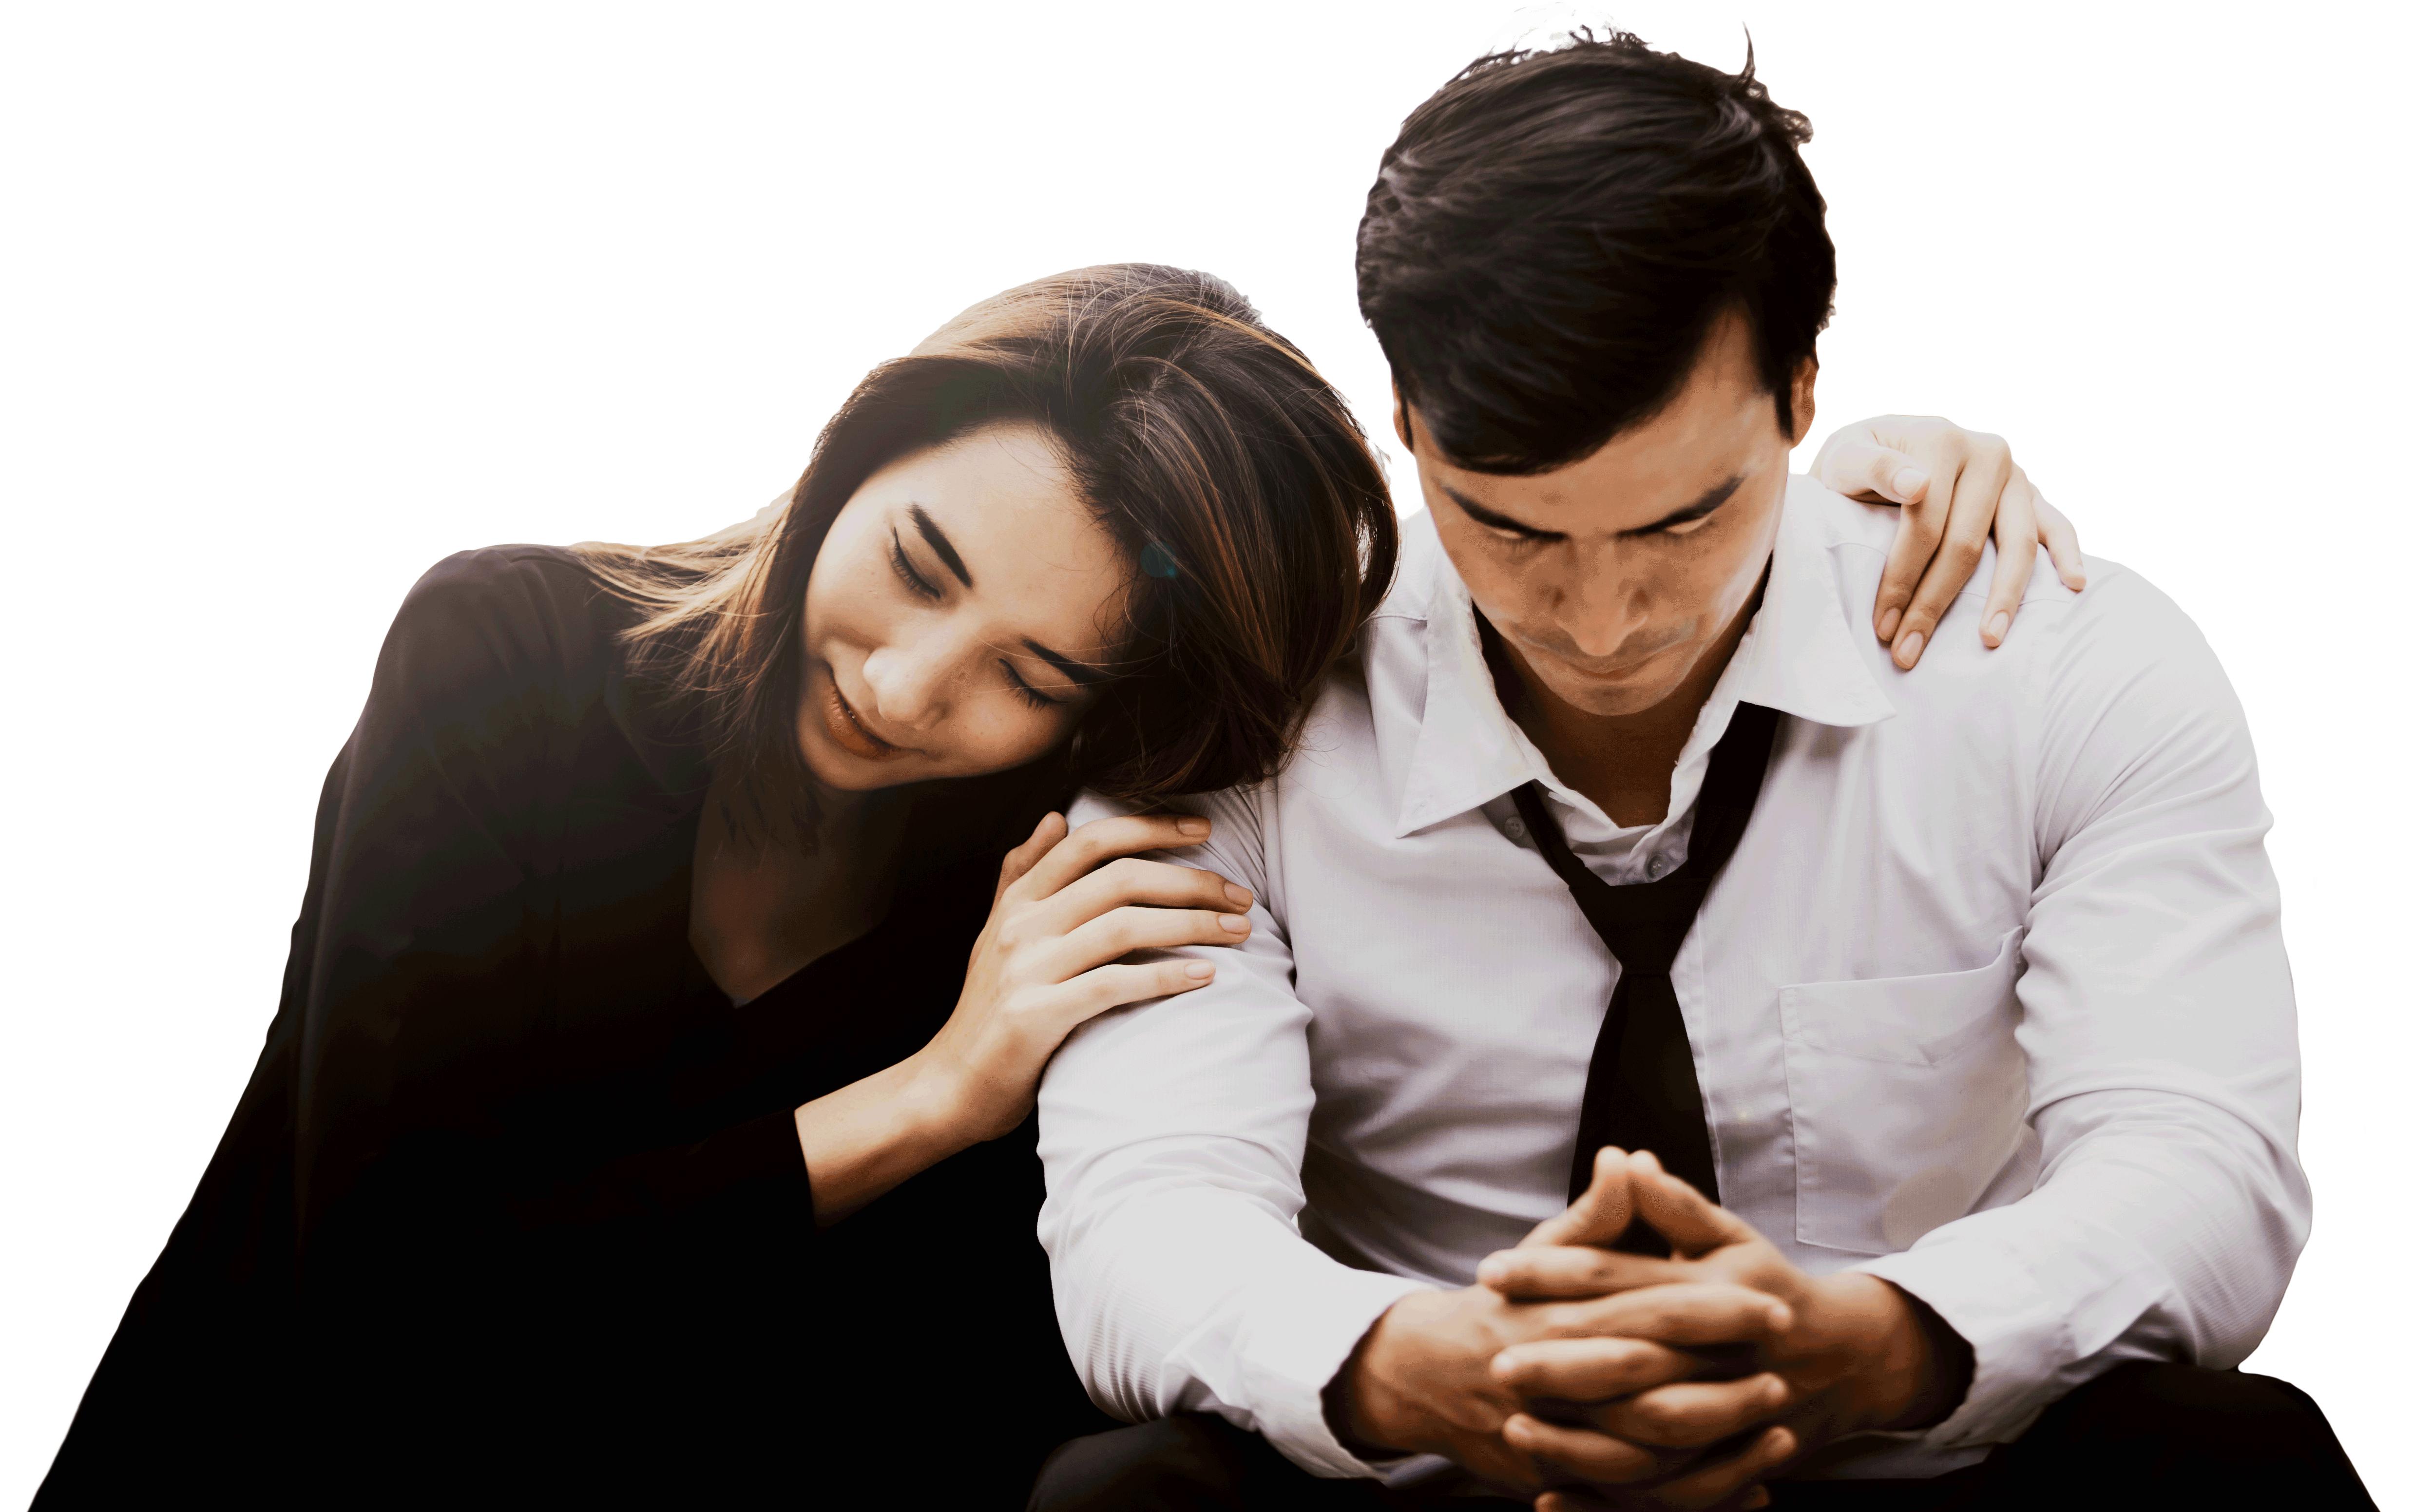 Frau tröstet den Mann - Weg zu dir | Nicole Gollan - bunt und einzigartig